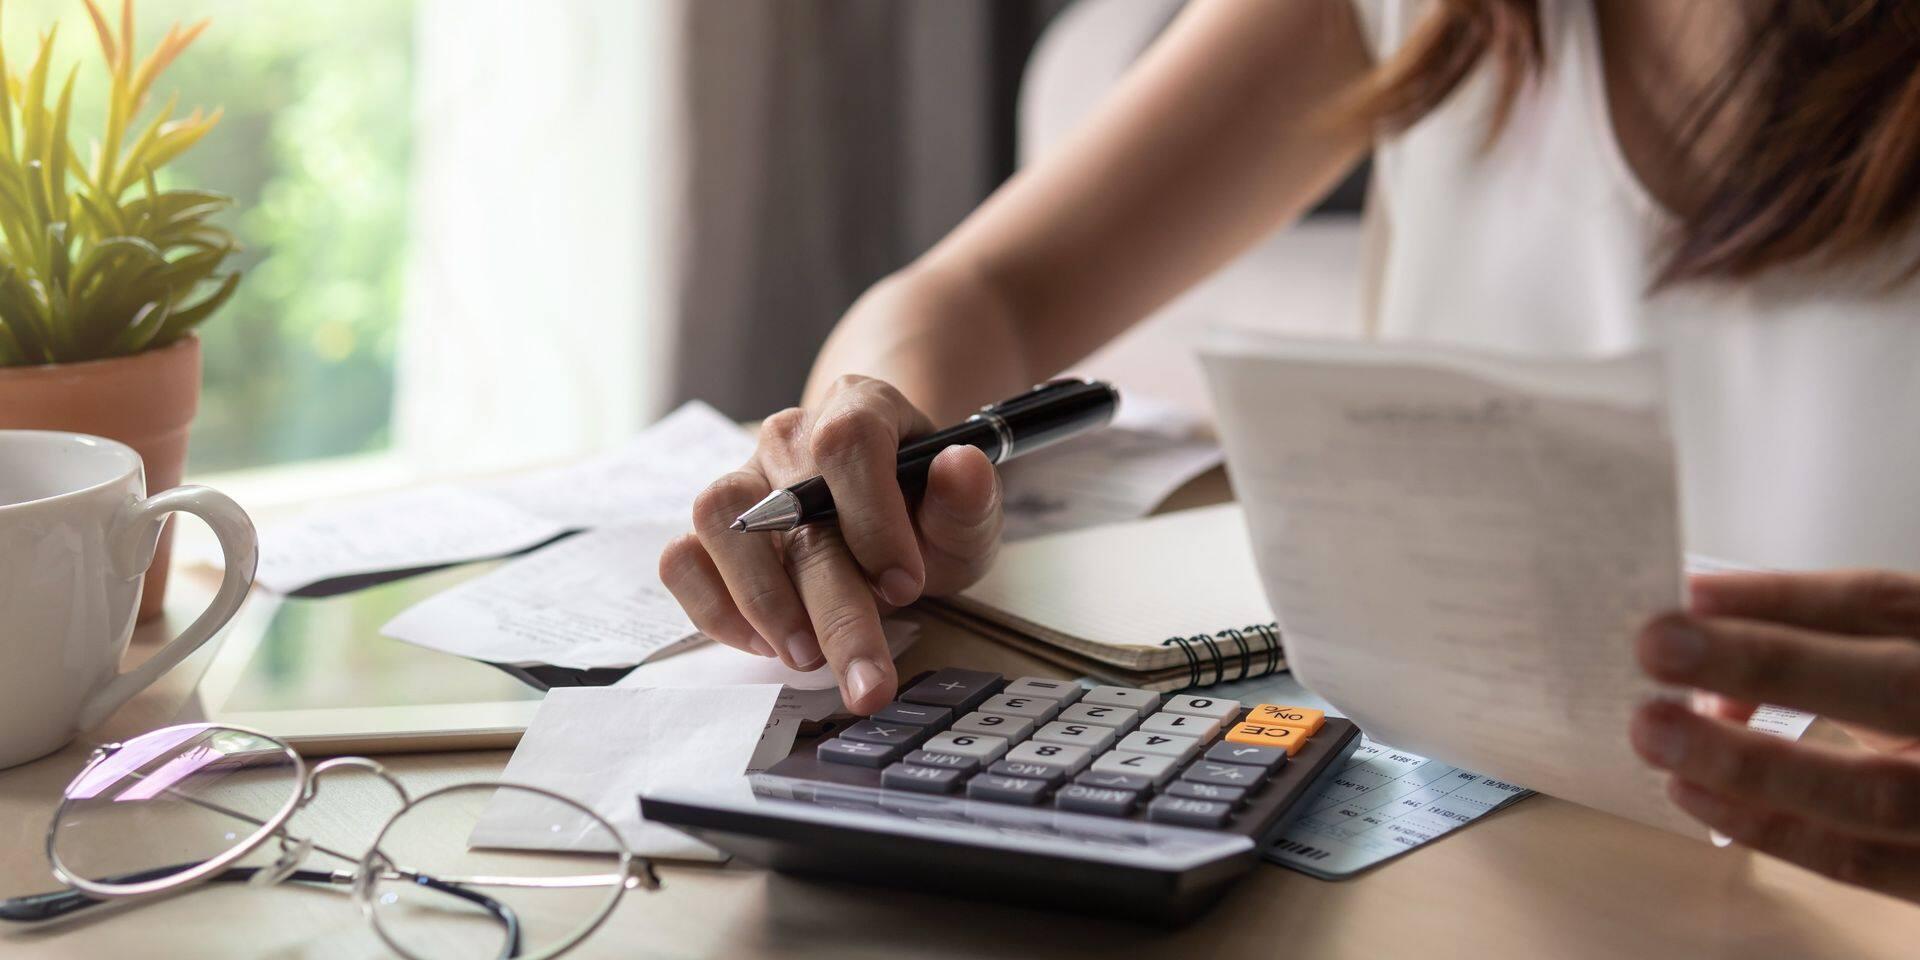 Le taux d'épargne des ménages recule nettement au troisième trimestre